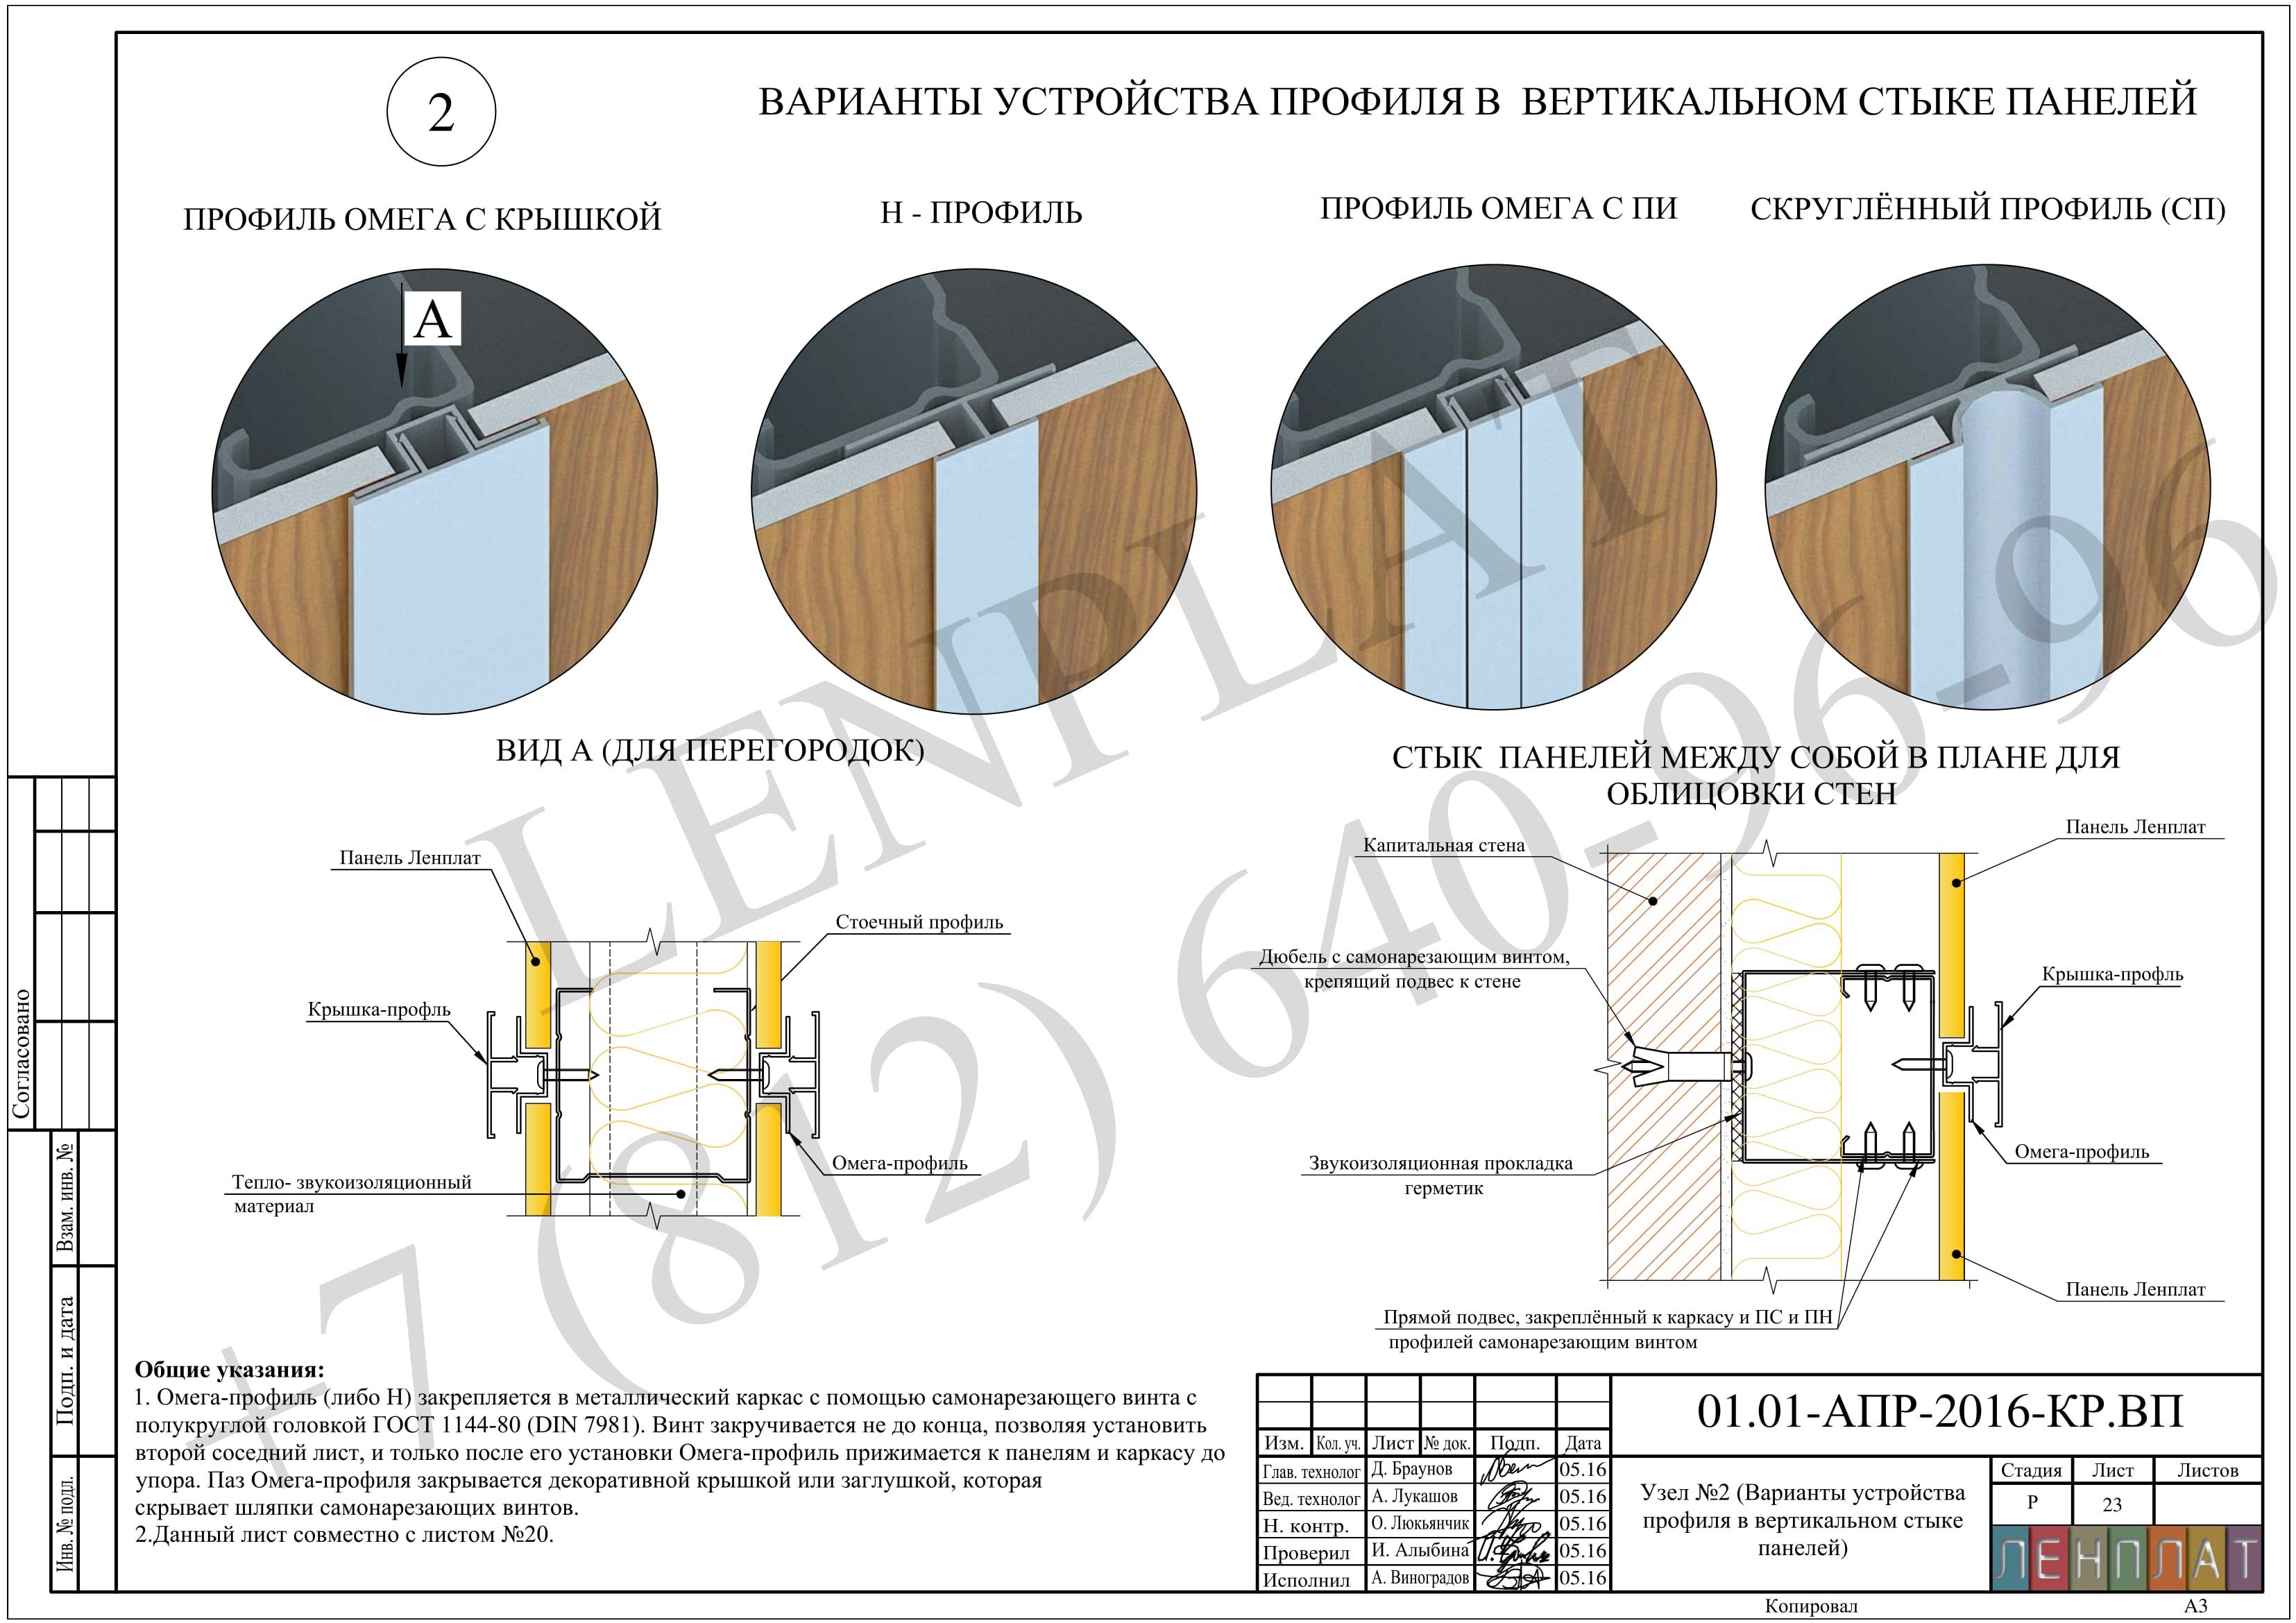 варианты устройства профиля в вертикальном стыке панелей